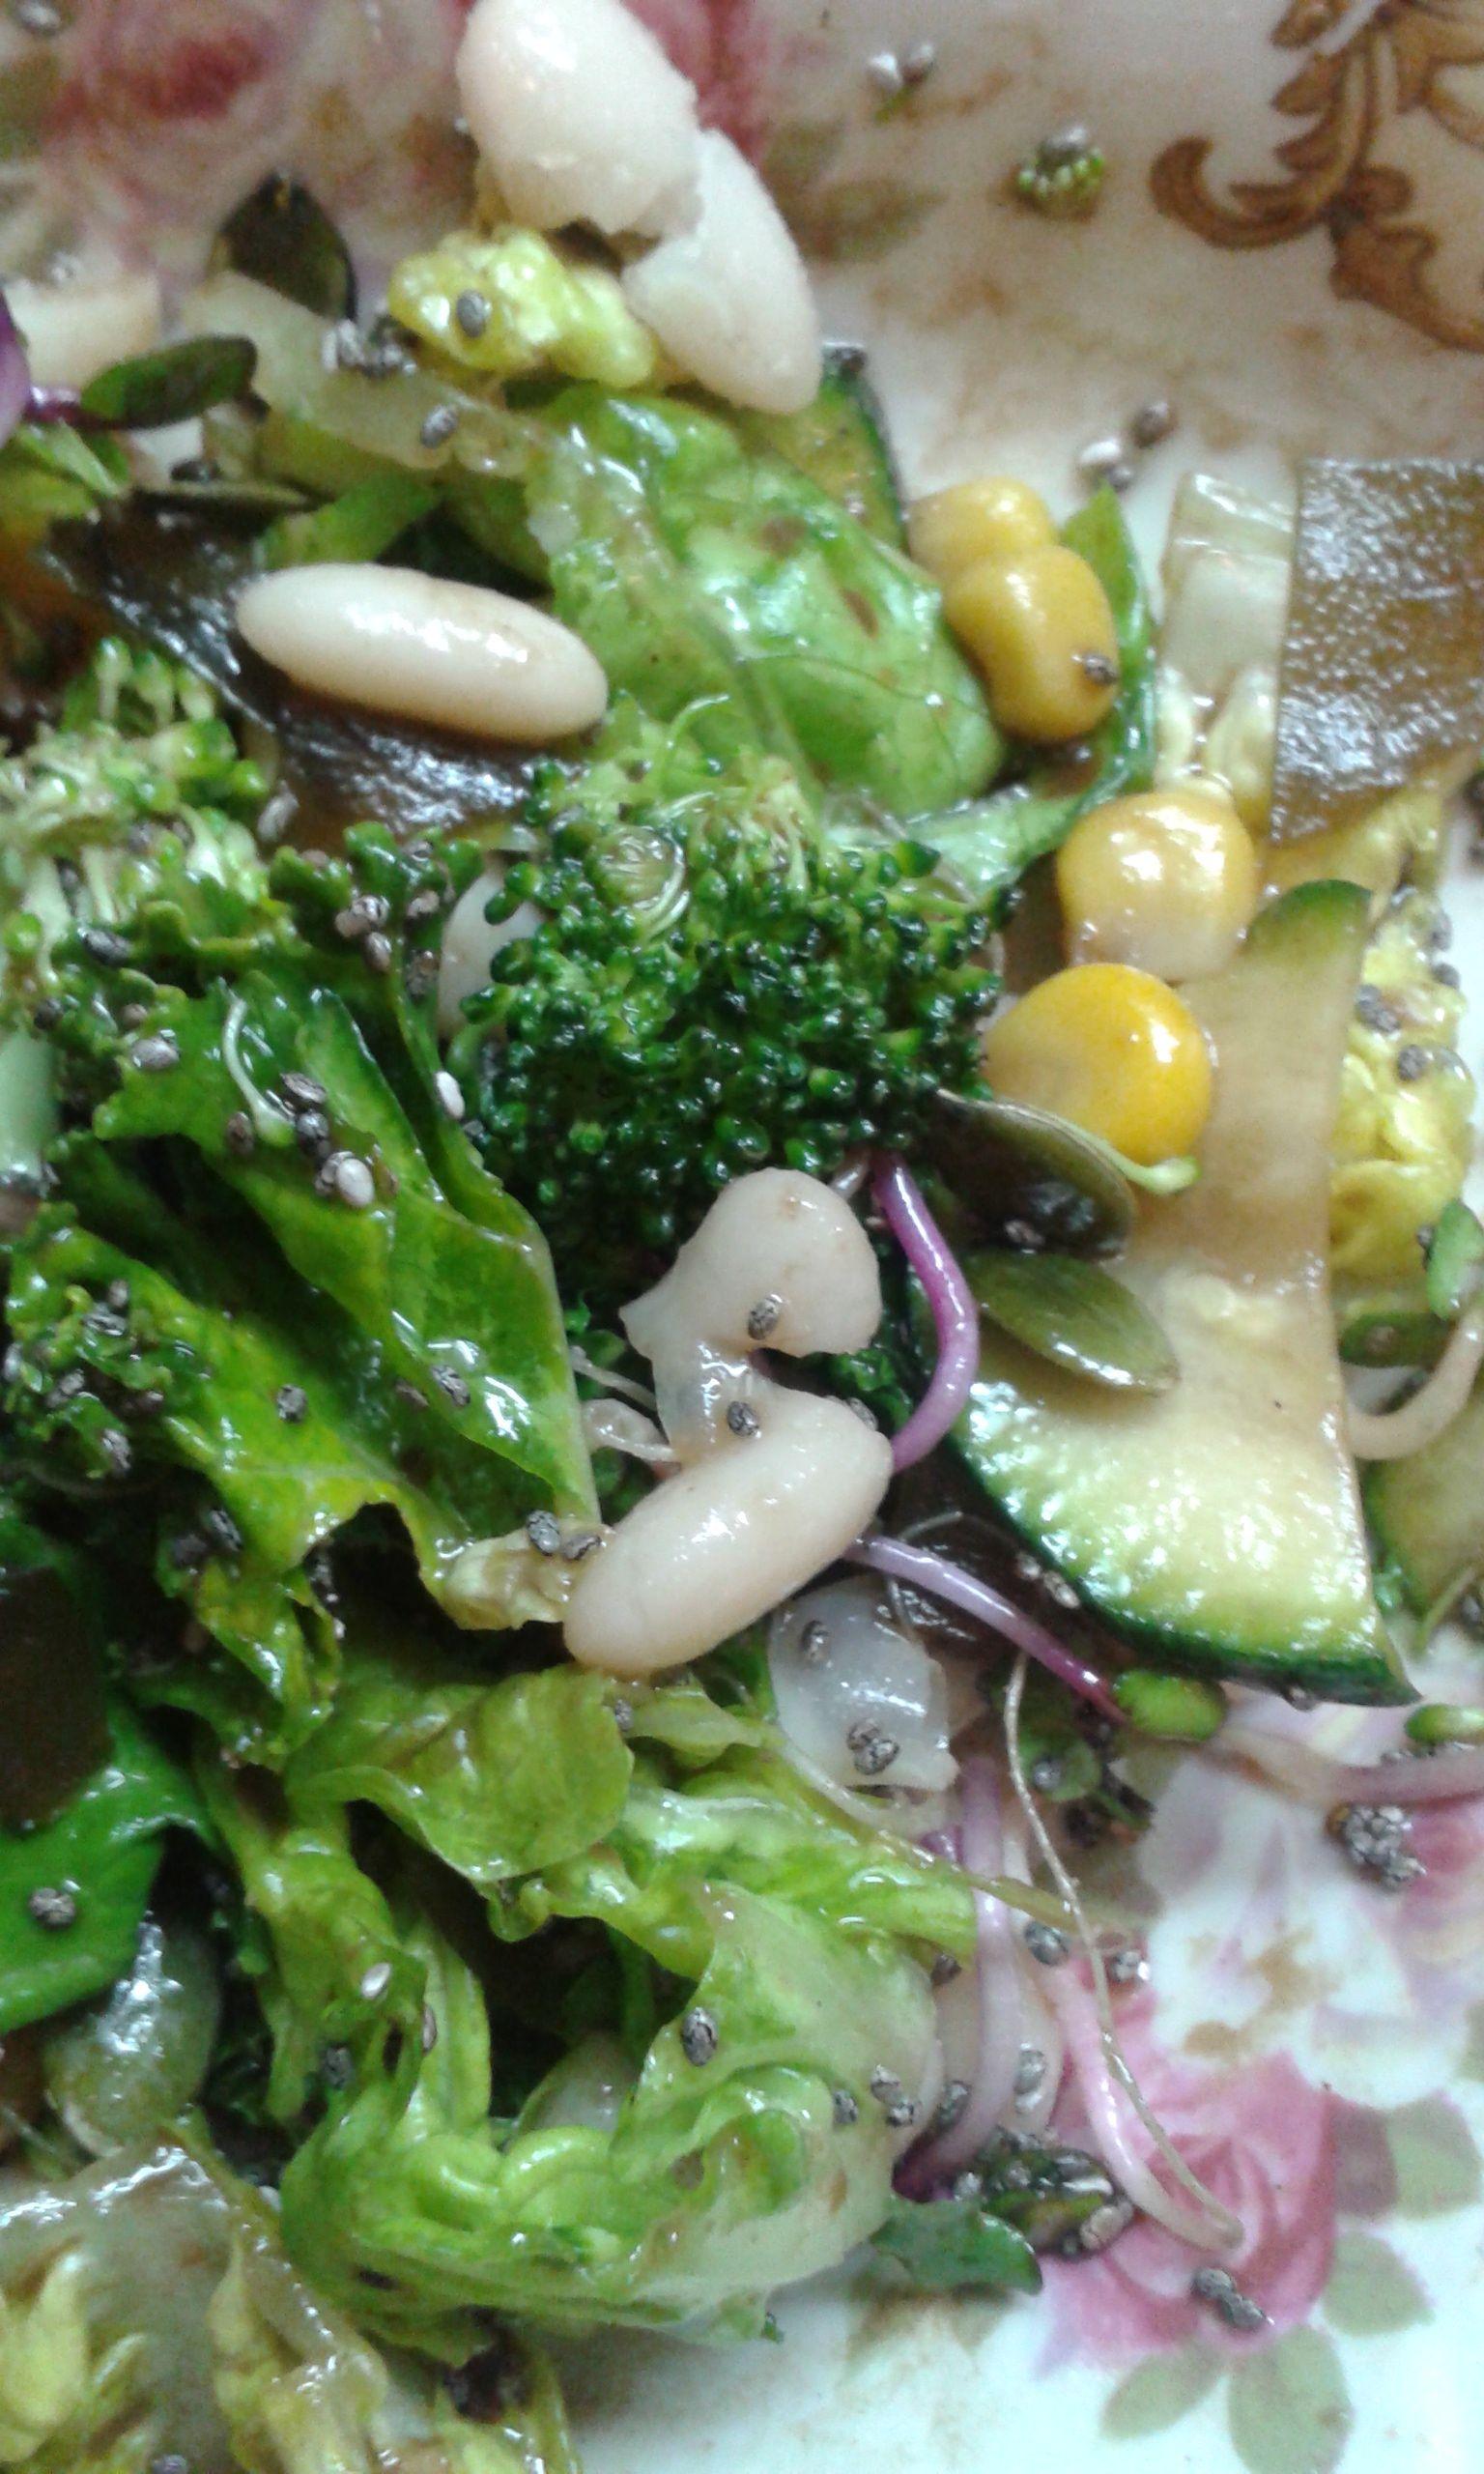 """Ensalada de kale, alubias del """"Ganxet"""", brotes de rábano, calabacín, maíz, alga kombe, brócoli, con semillas de calabaza y semillas de chía."""